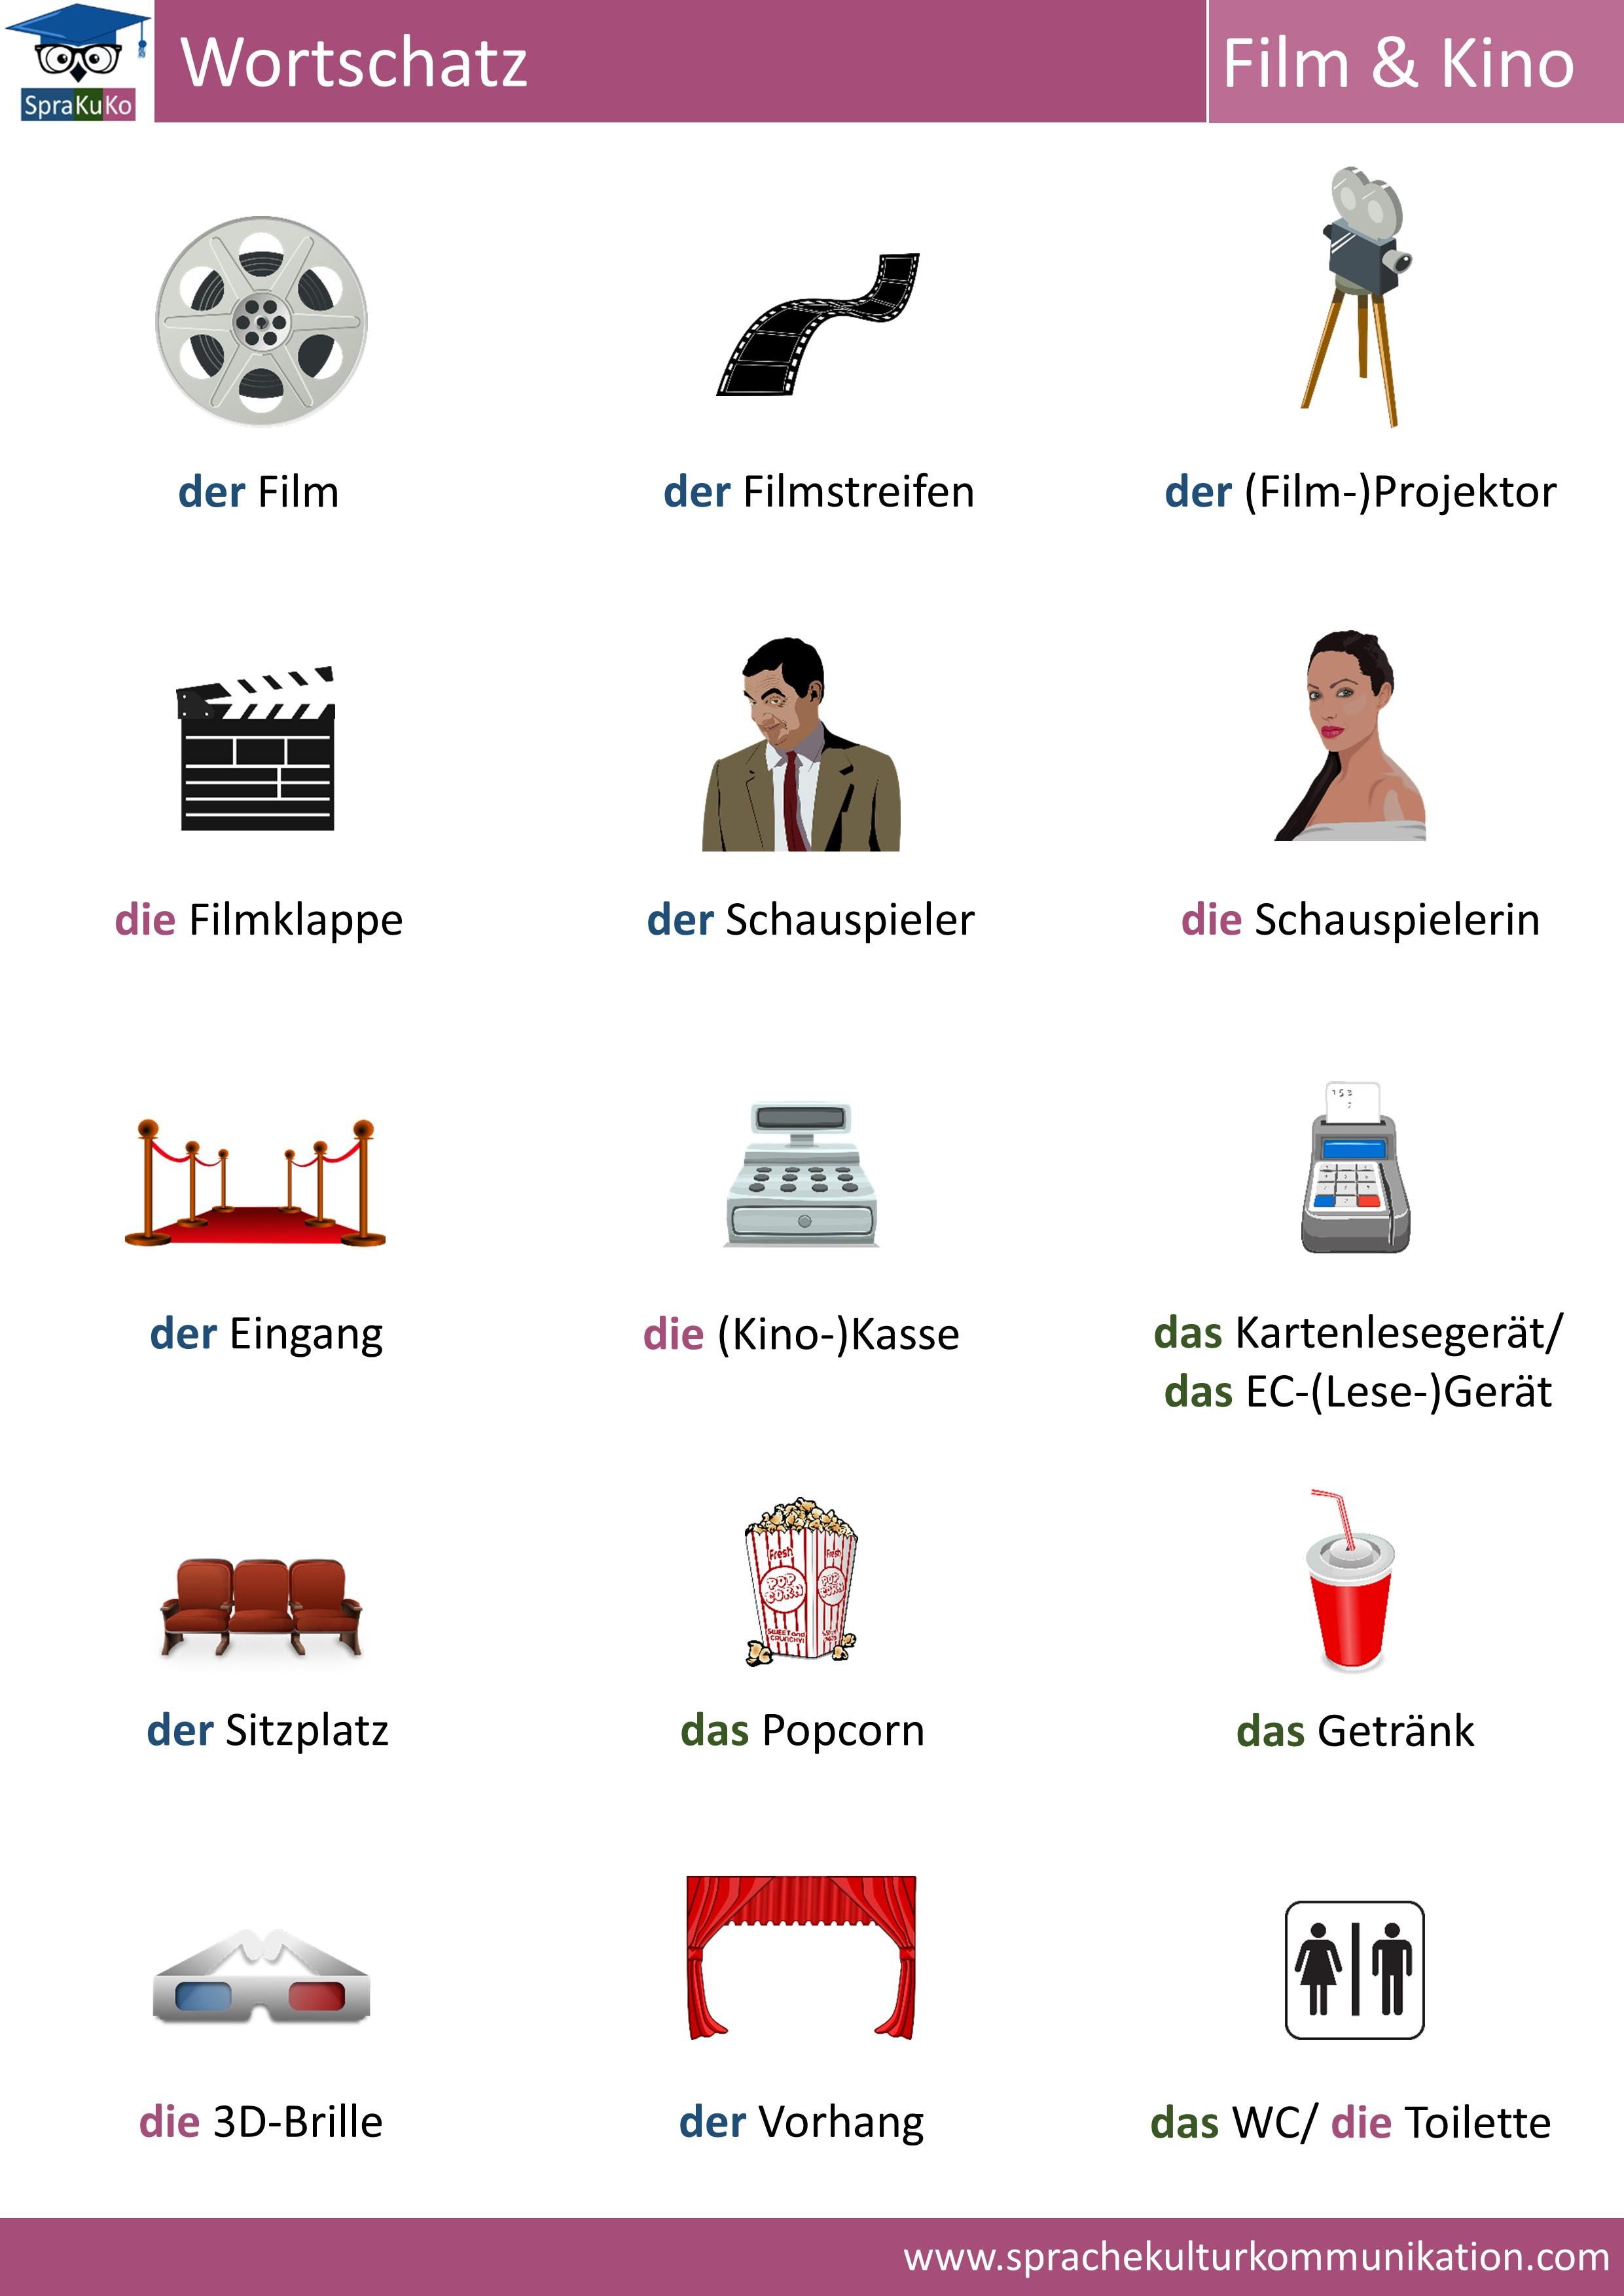 Wortschatz Film & Kino